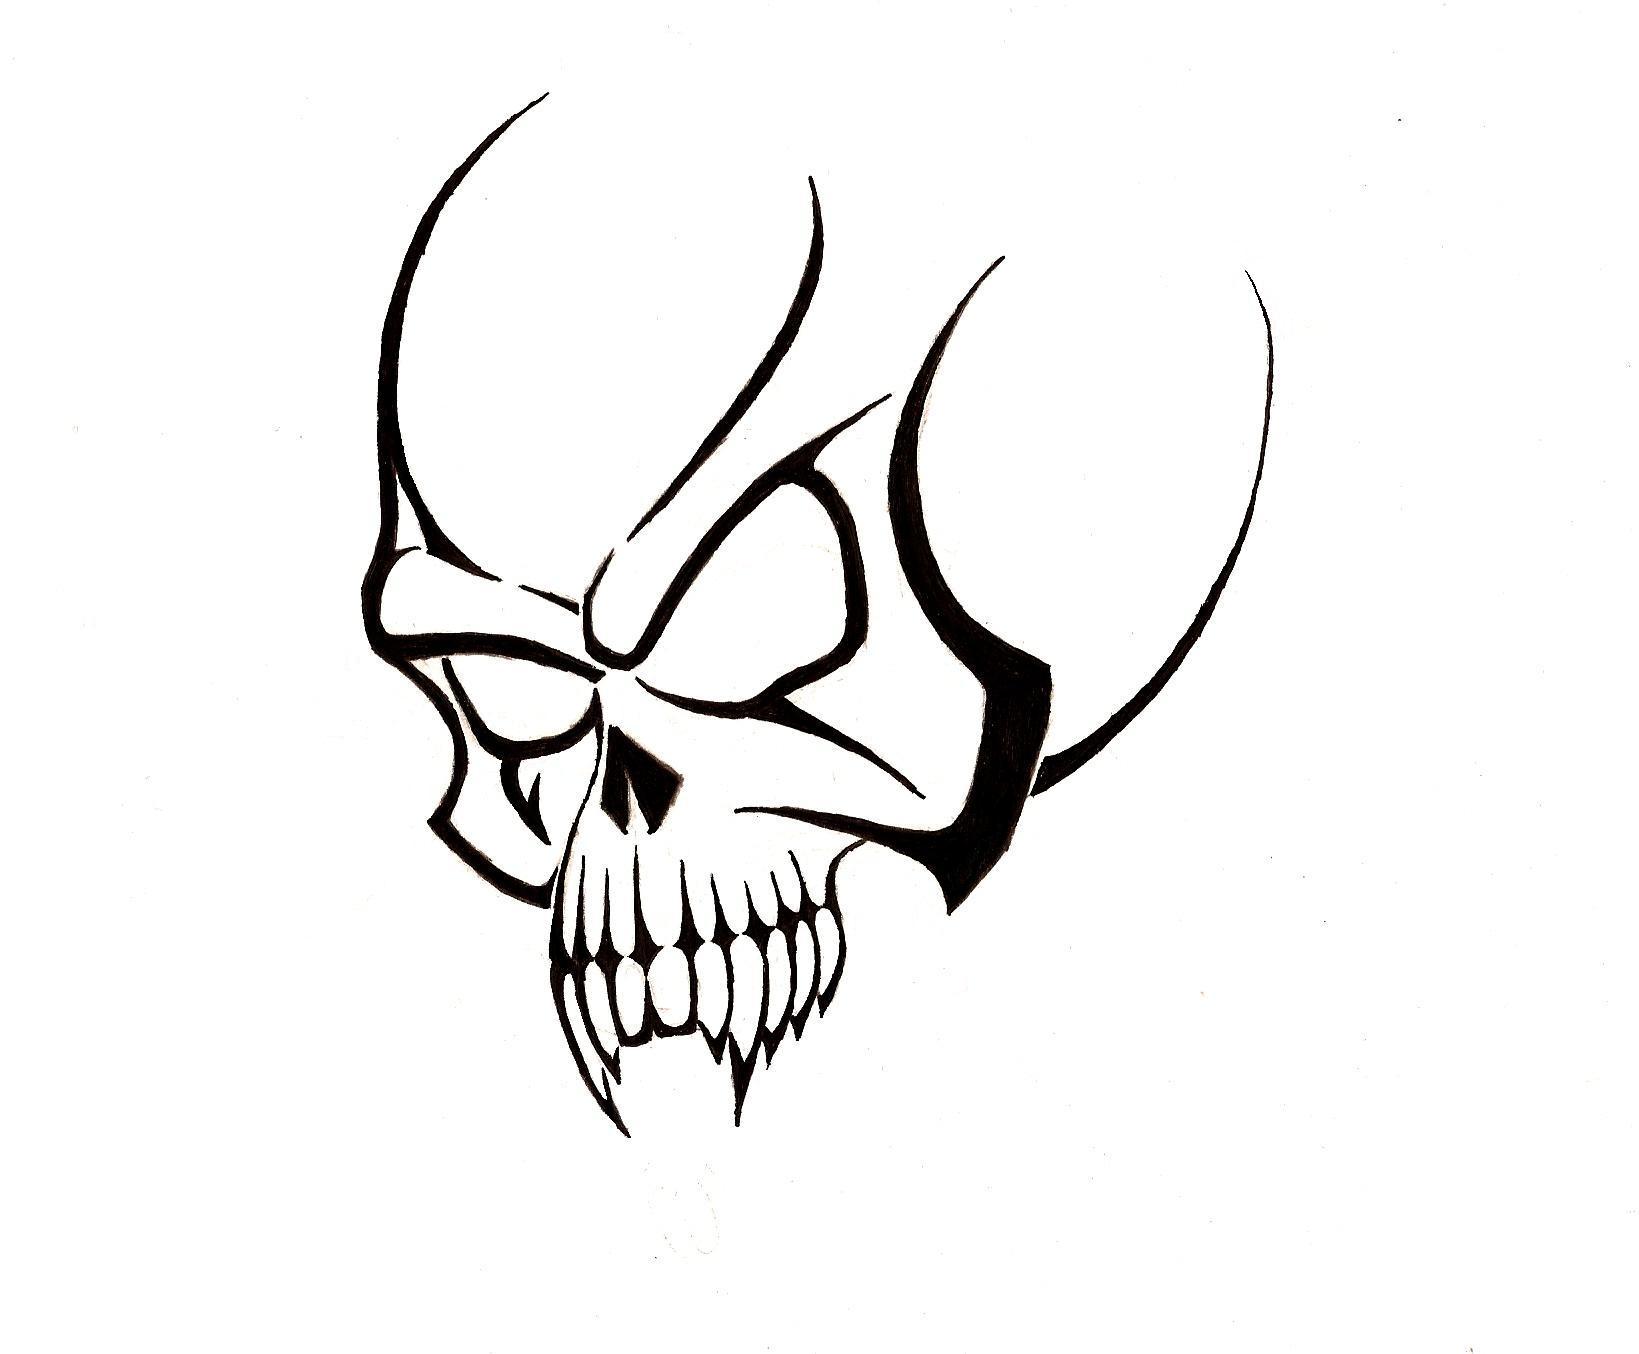 1639x1354 Tattoos Drawings Free, Different Graffiti Font Styles